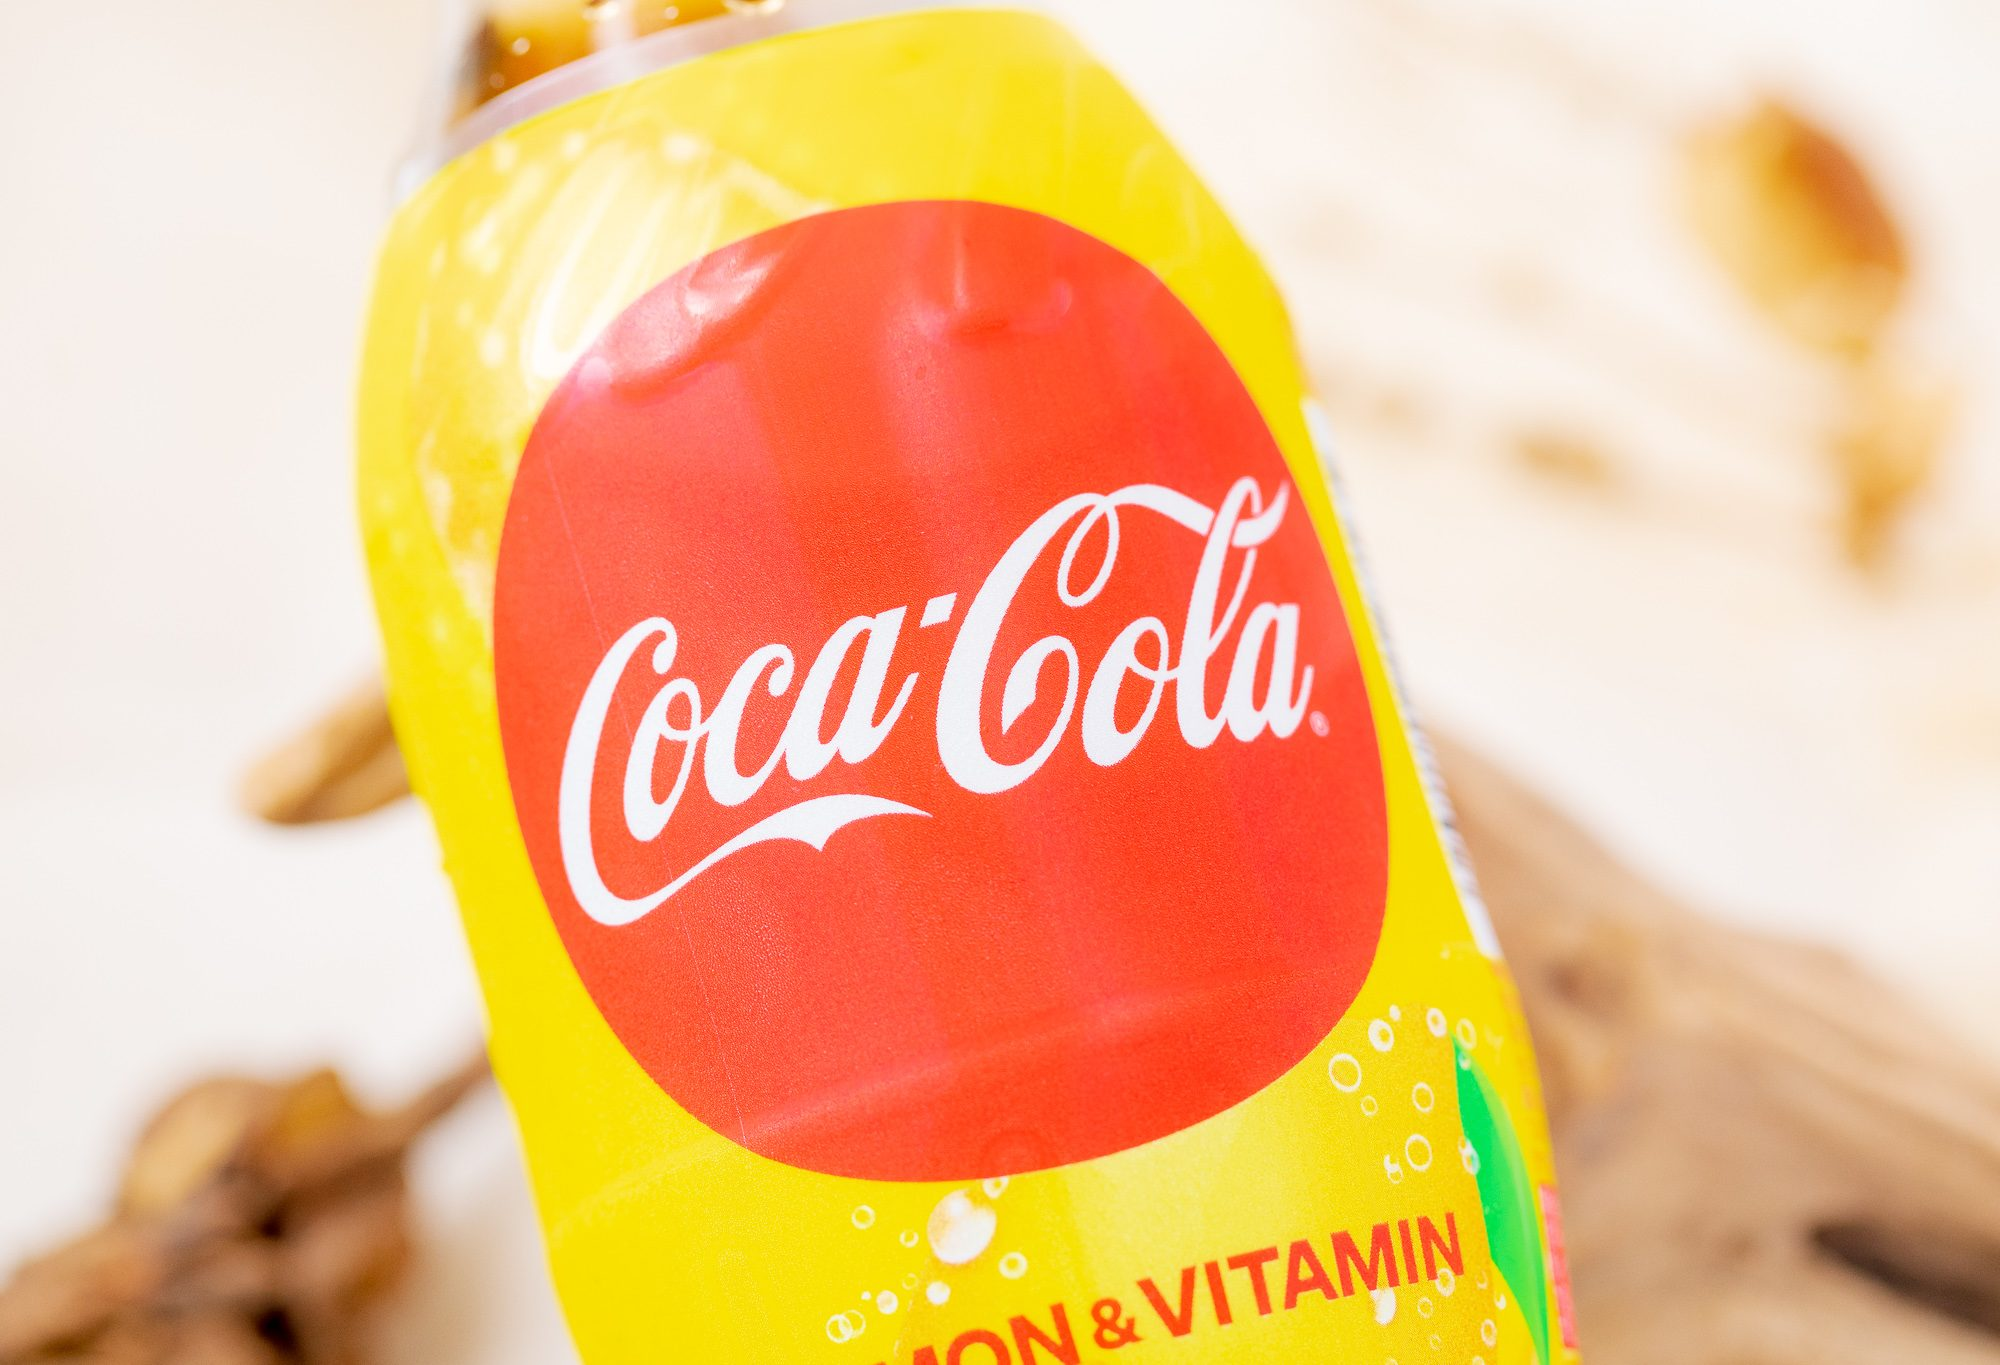 コカ・コーラ『レモン&ビタミン』実飲レビュー!たくさんのビタミンCを摂取できてほのかな酸味が美味しいコカ・コーラ◎